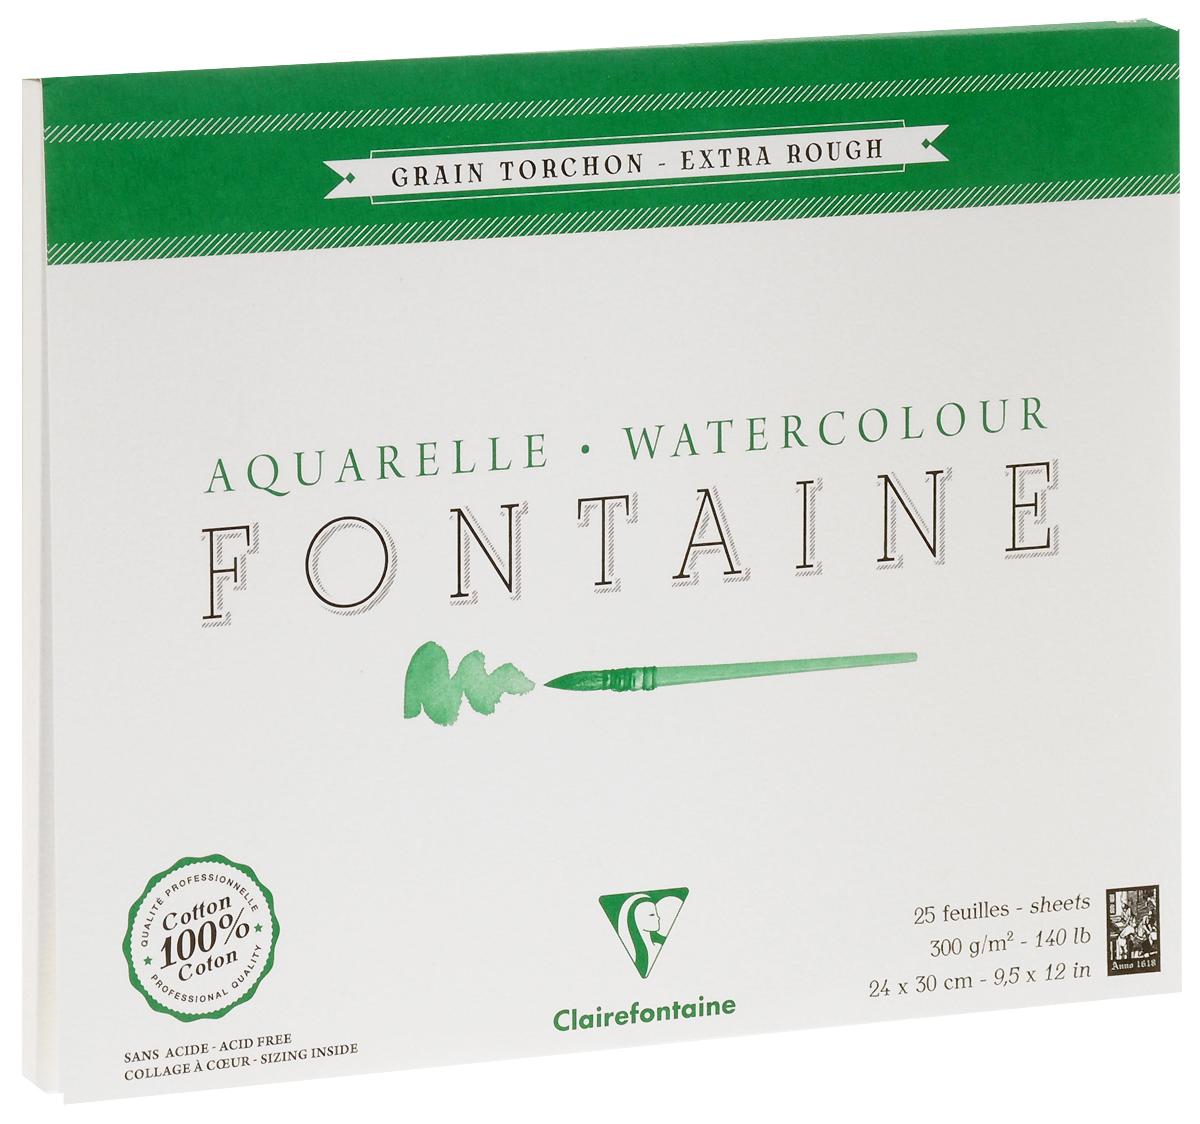 Альбом Clairefontaine  Fontaine , грубая техника, цвет: зеленый, белый, 24 х 30 см, 25 листов -  Бумага и картон